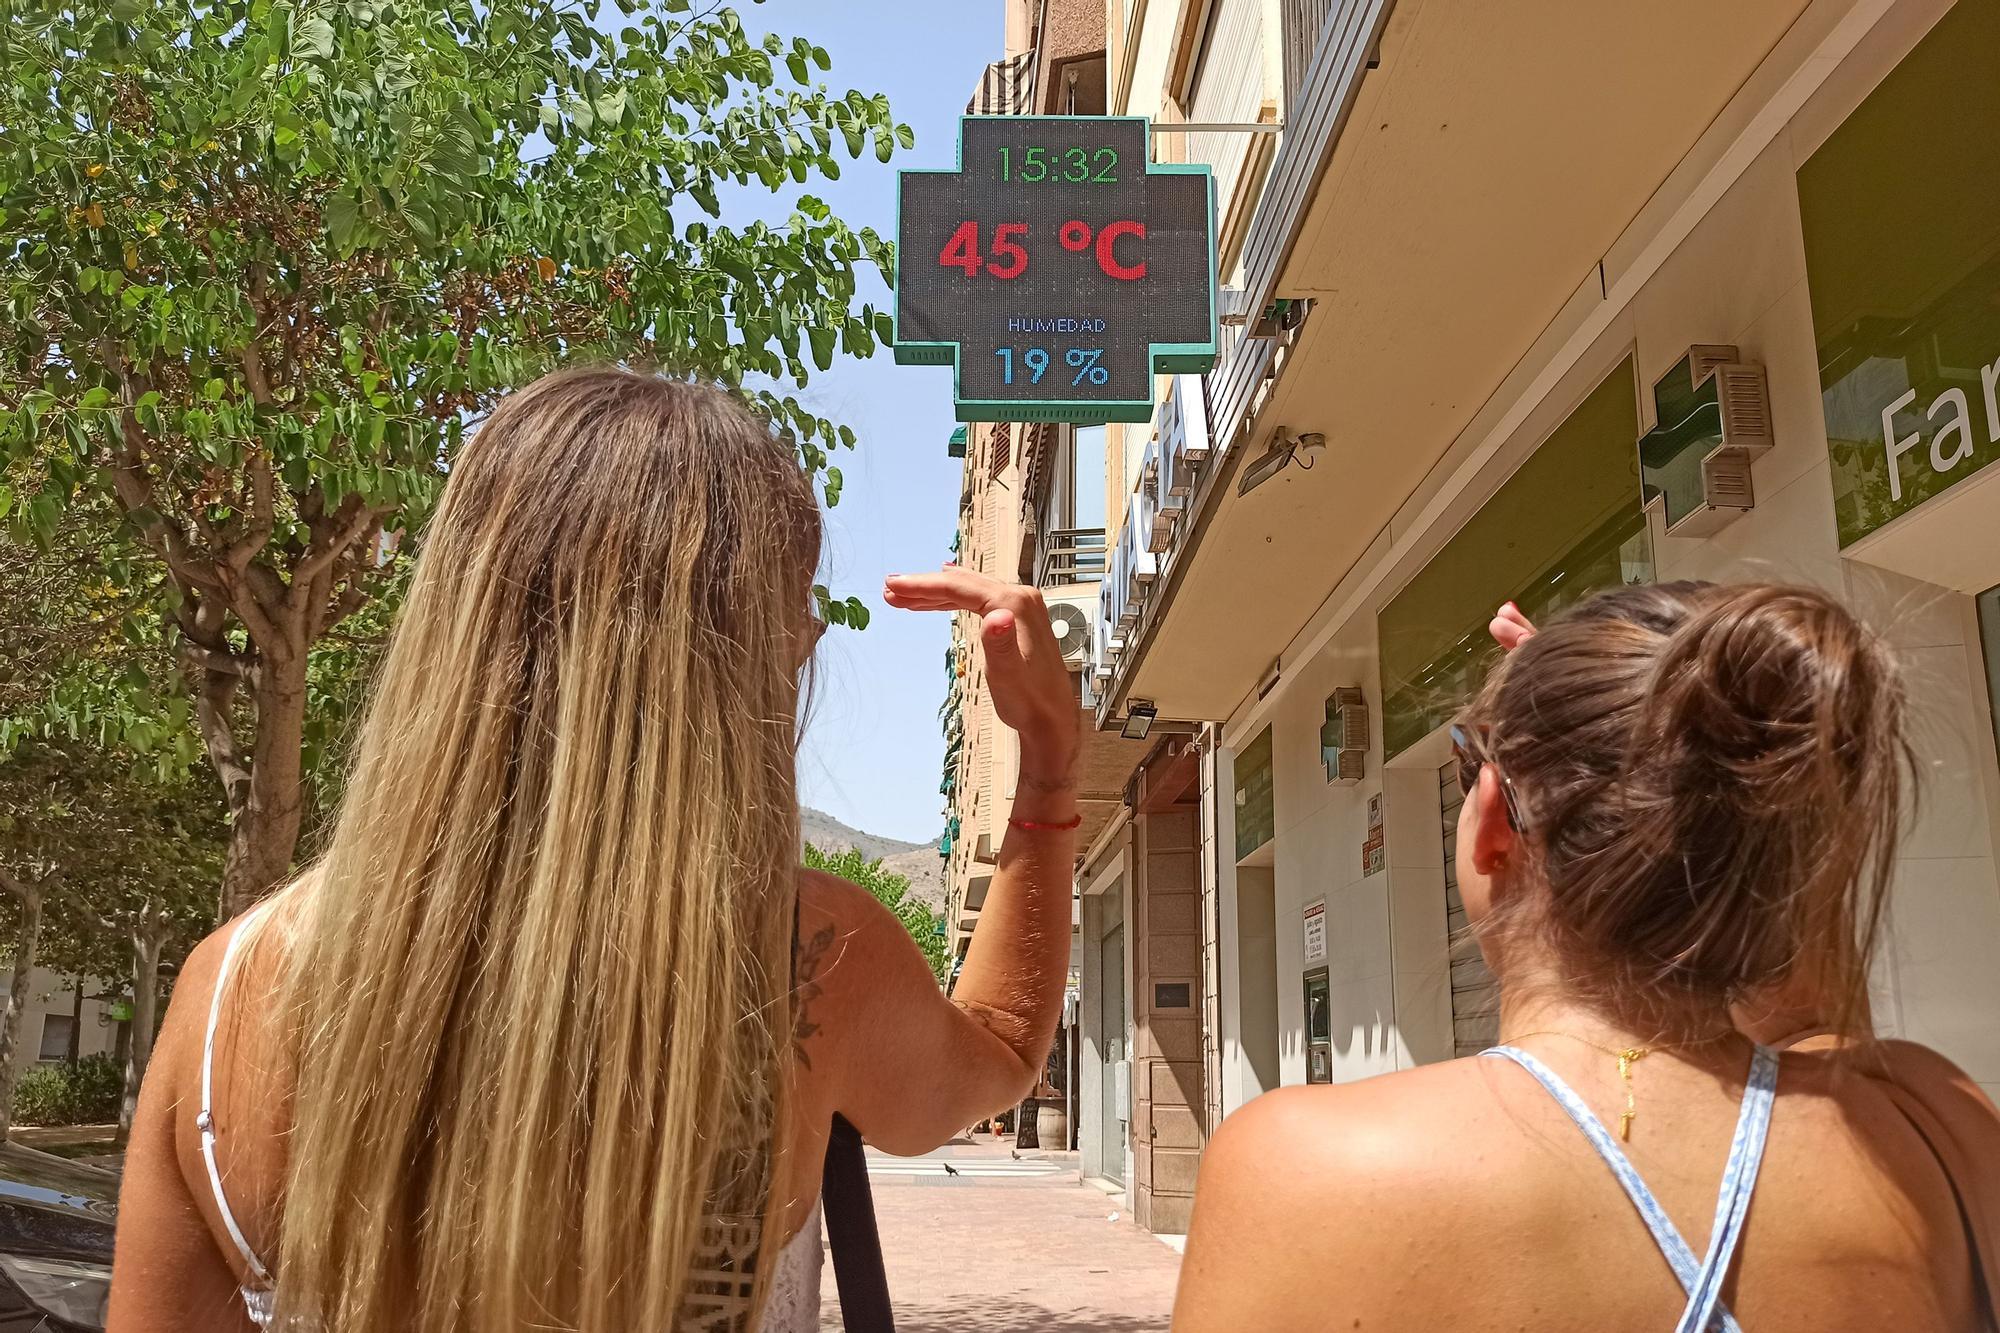 Alerta roja por calor: 45 grados en el sur de la provincia